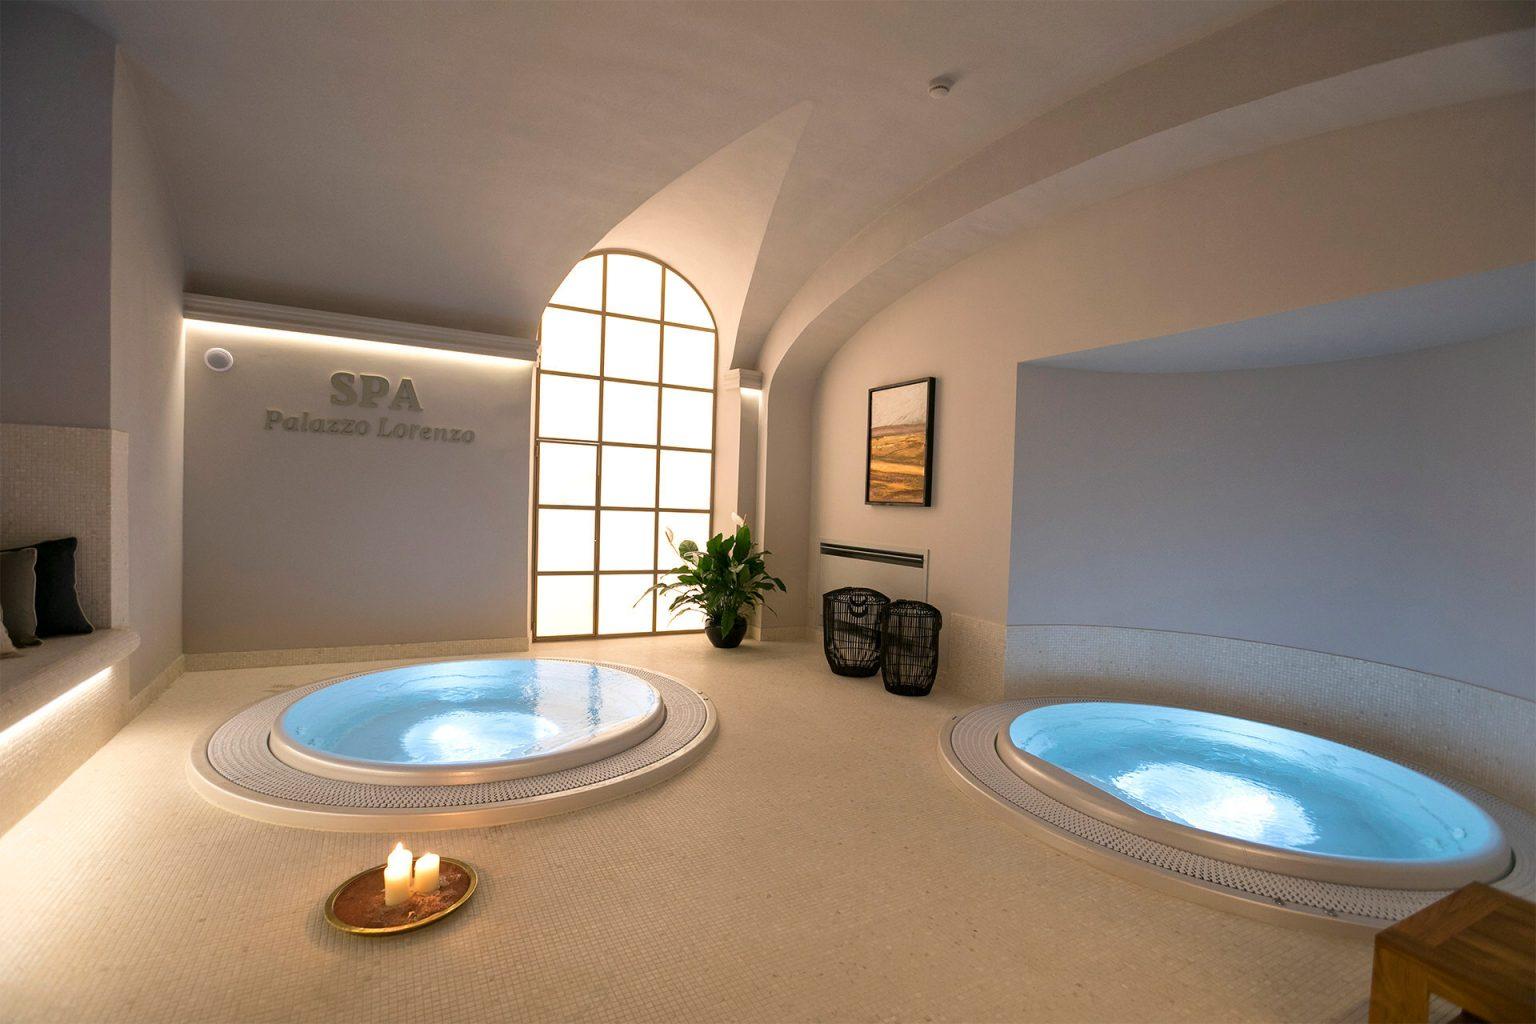 Hotel Palazzo Lorenzo riapre: un soggiorno all'insegna del ...